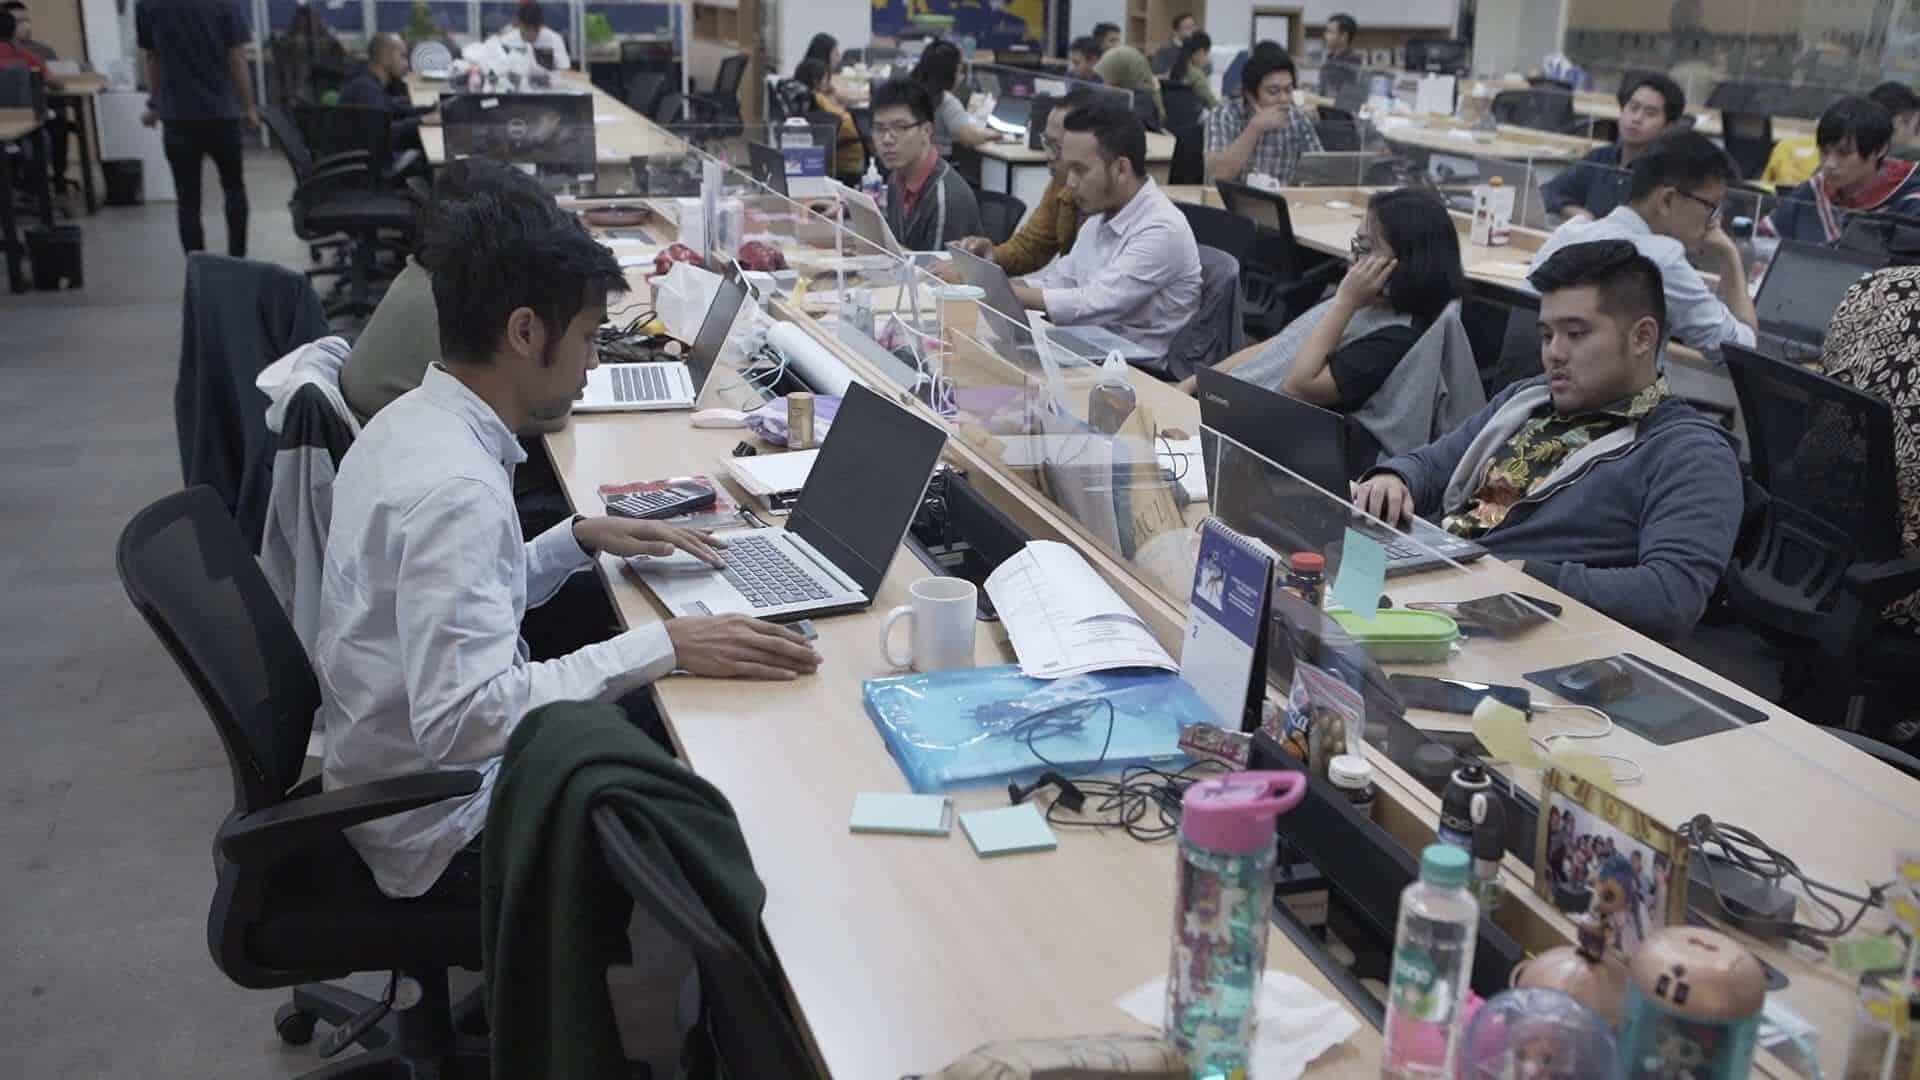 Sambut New Normal, Perusahaan Perlu Siapkan SOP Bekerja di Masa Pandemi